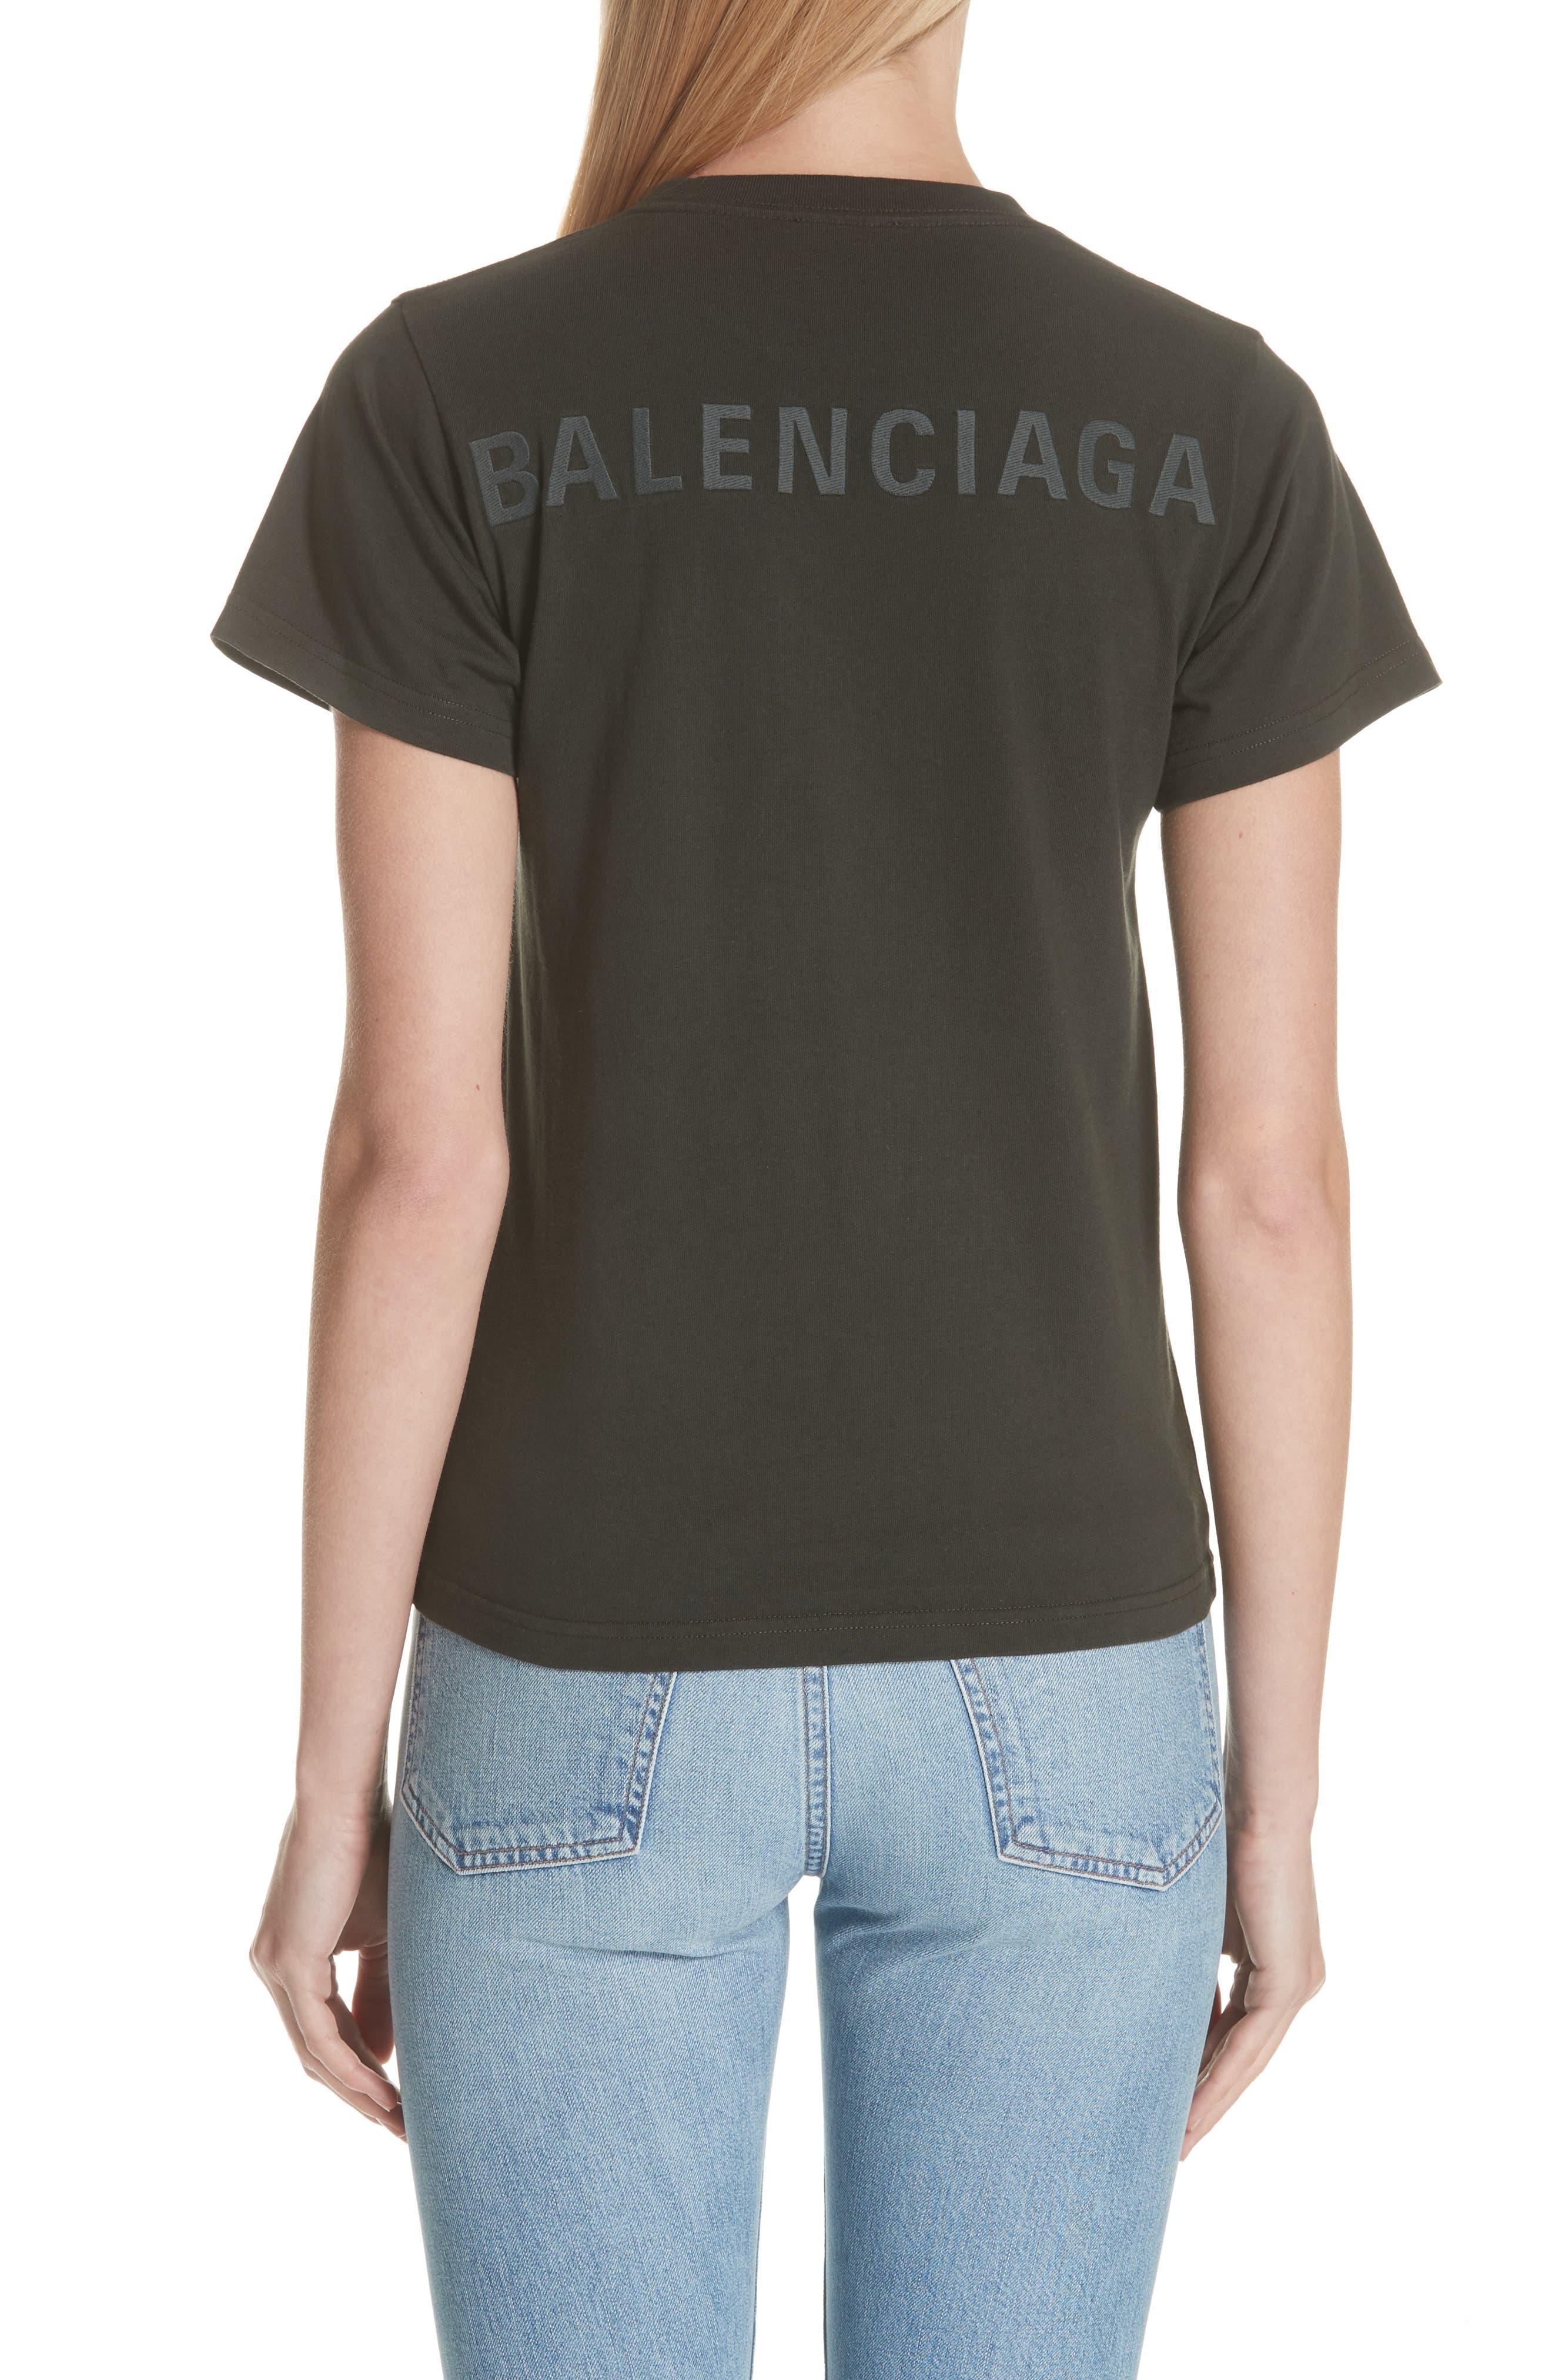 a17986dc21477 Women s Balenciaga Tops